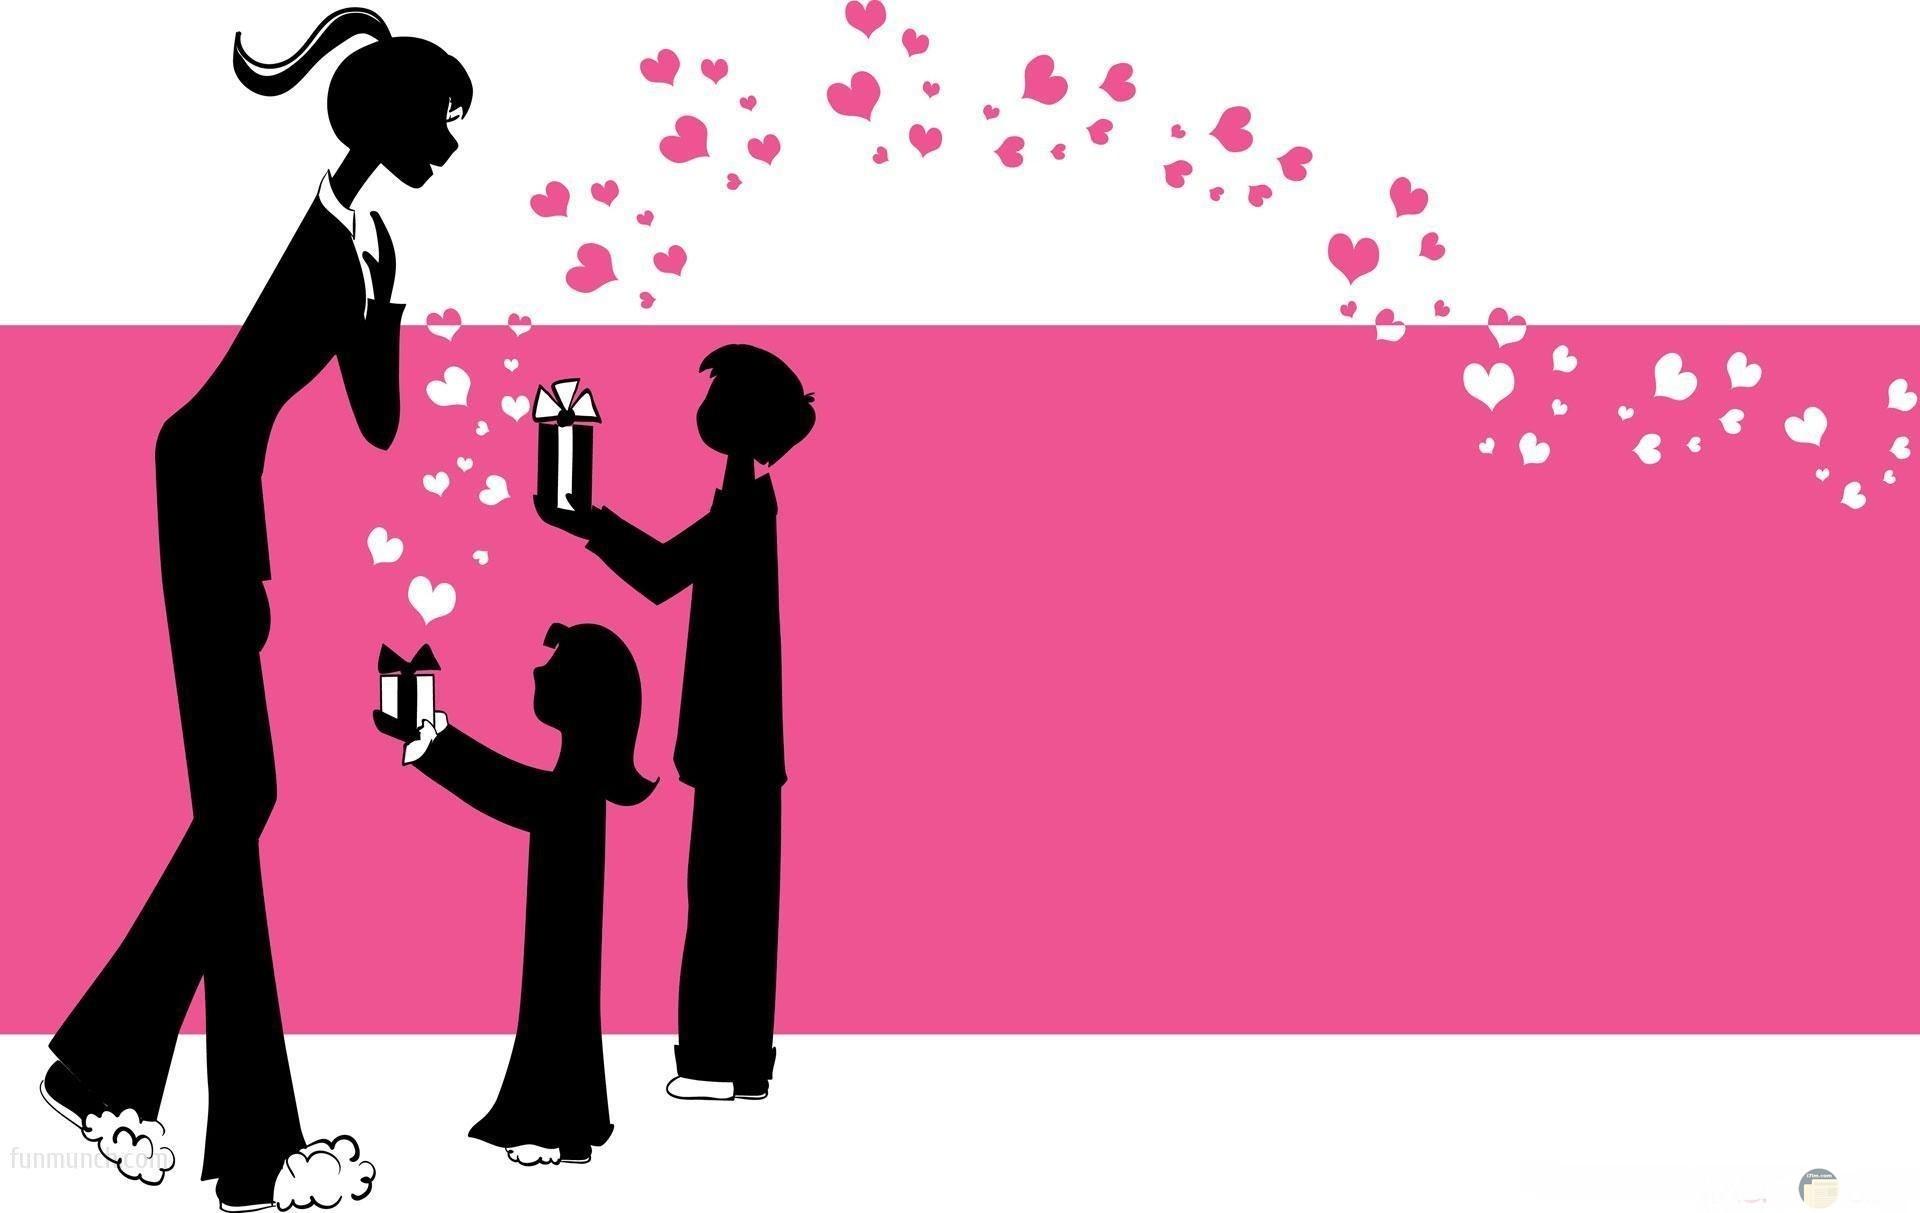 الابناء تقدم التهانى و الهدايا للام فى عيدها.